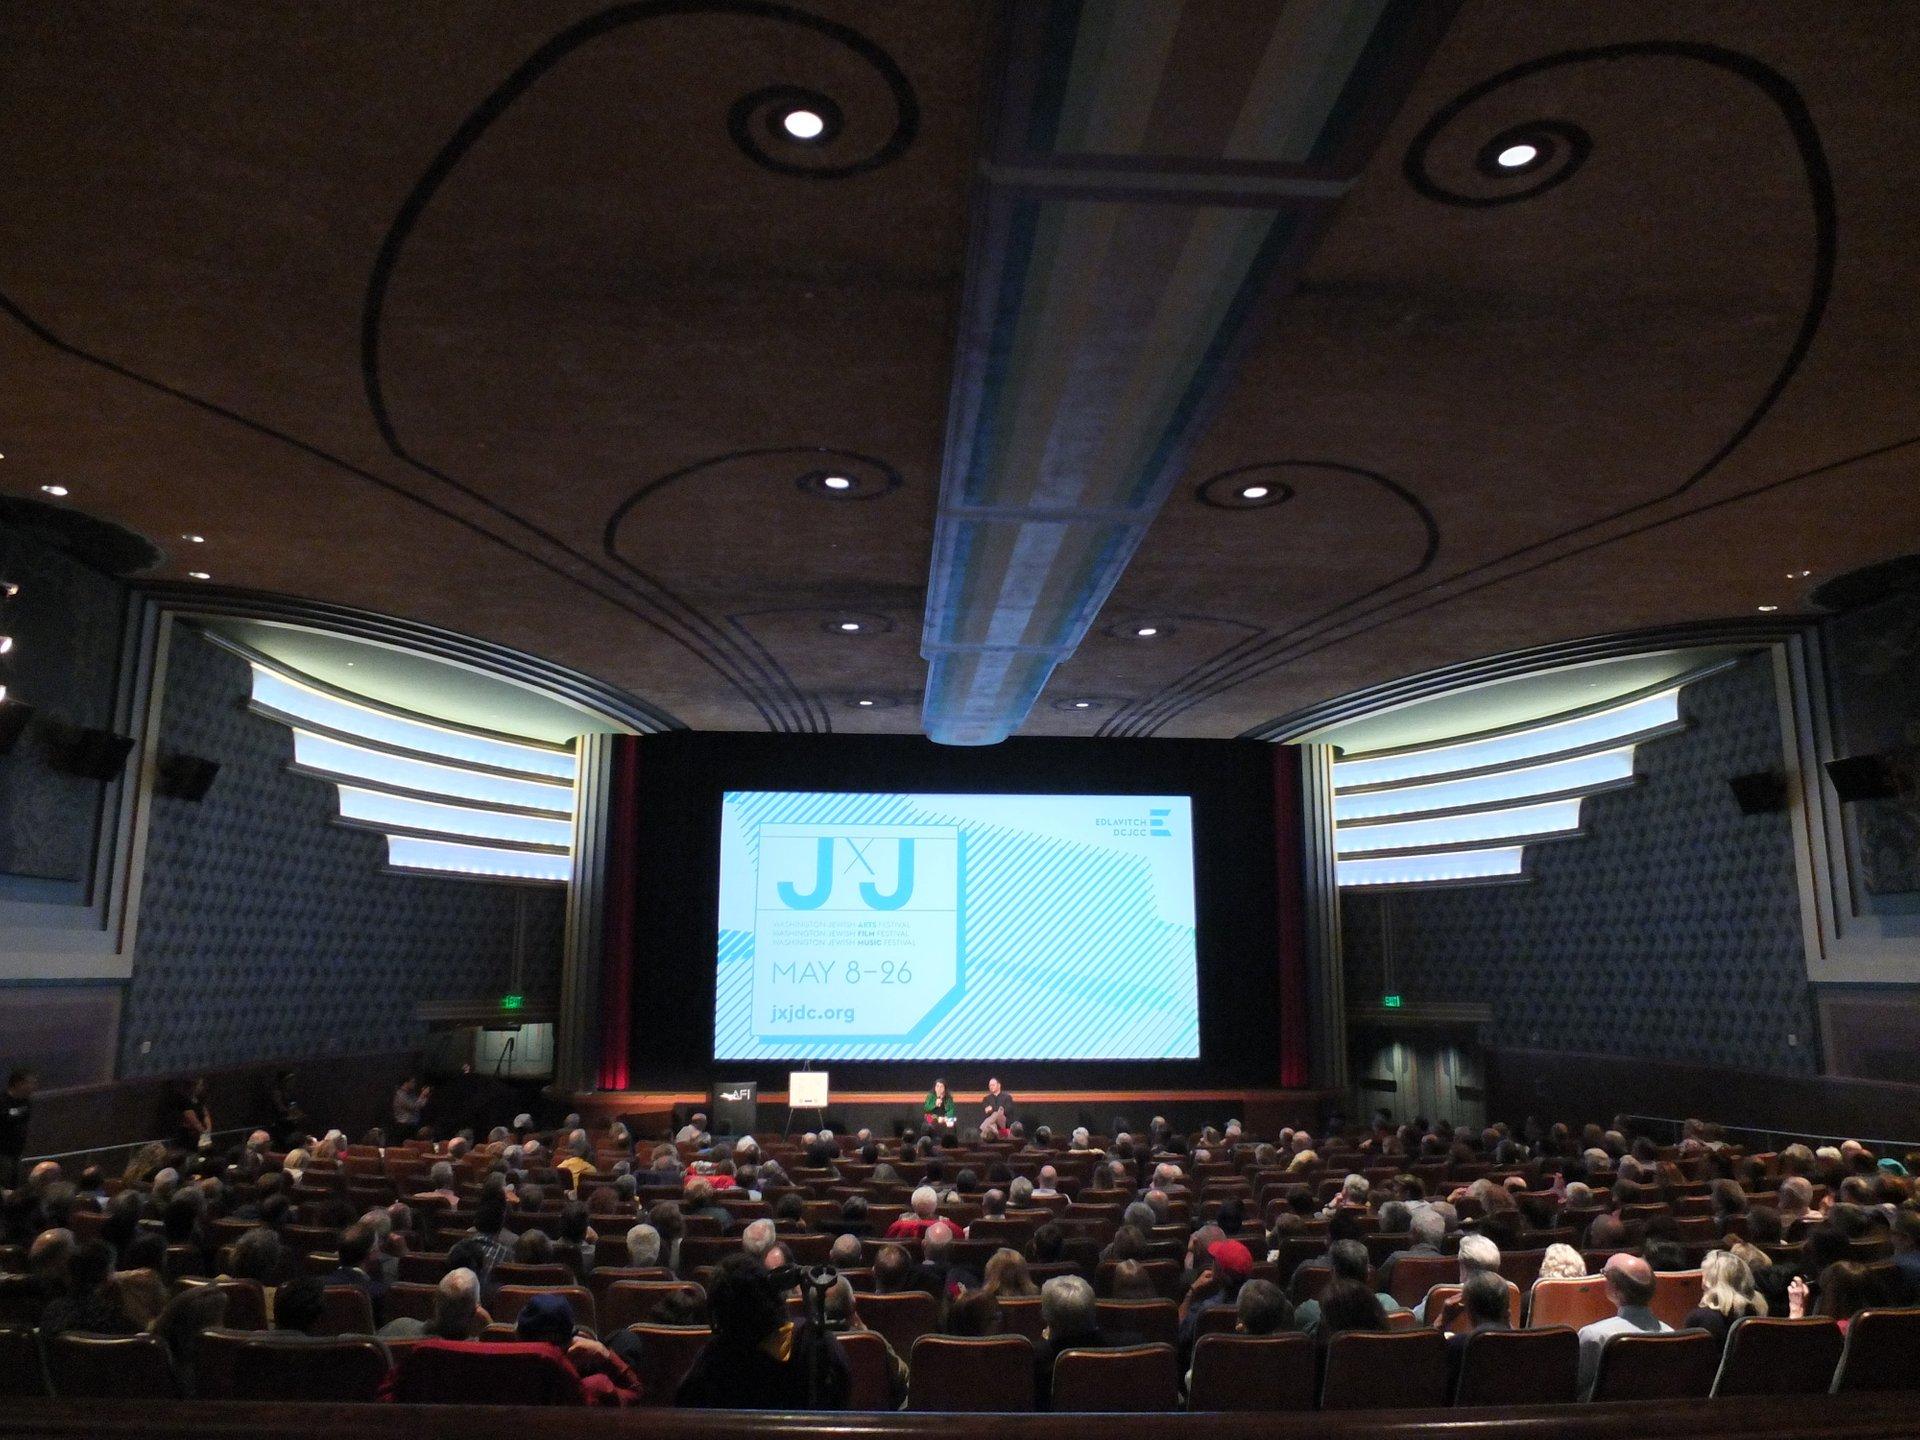 JxJ in Washington, D.C. 2020 - Best Time